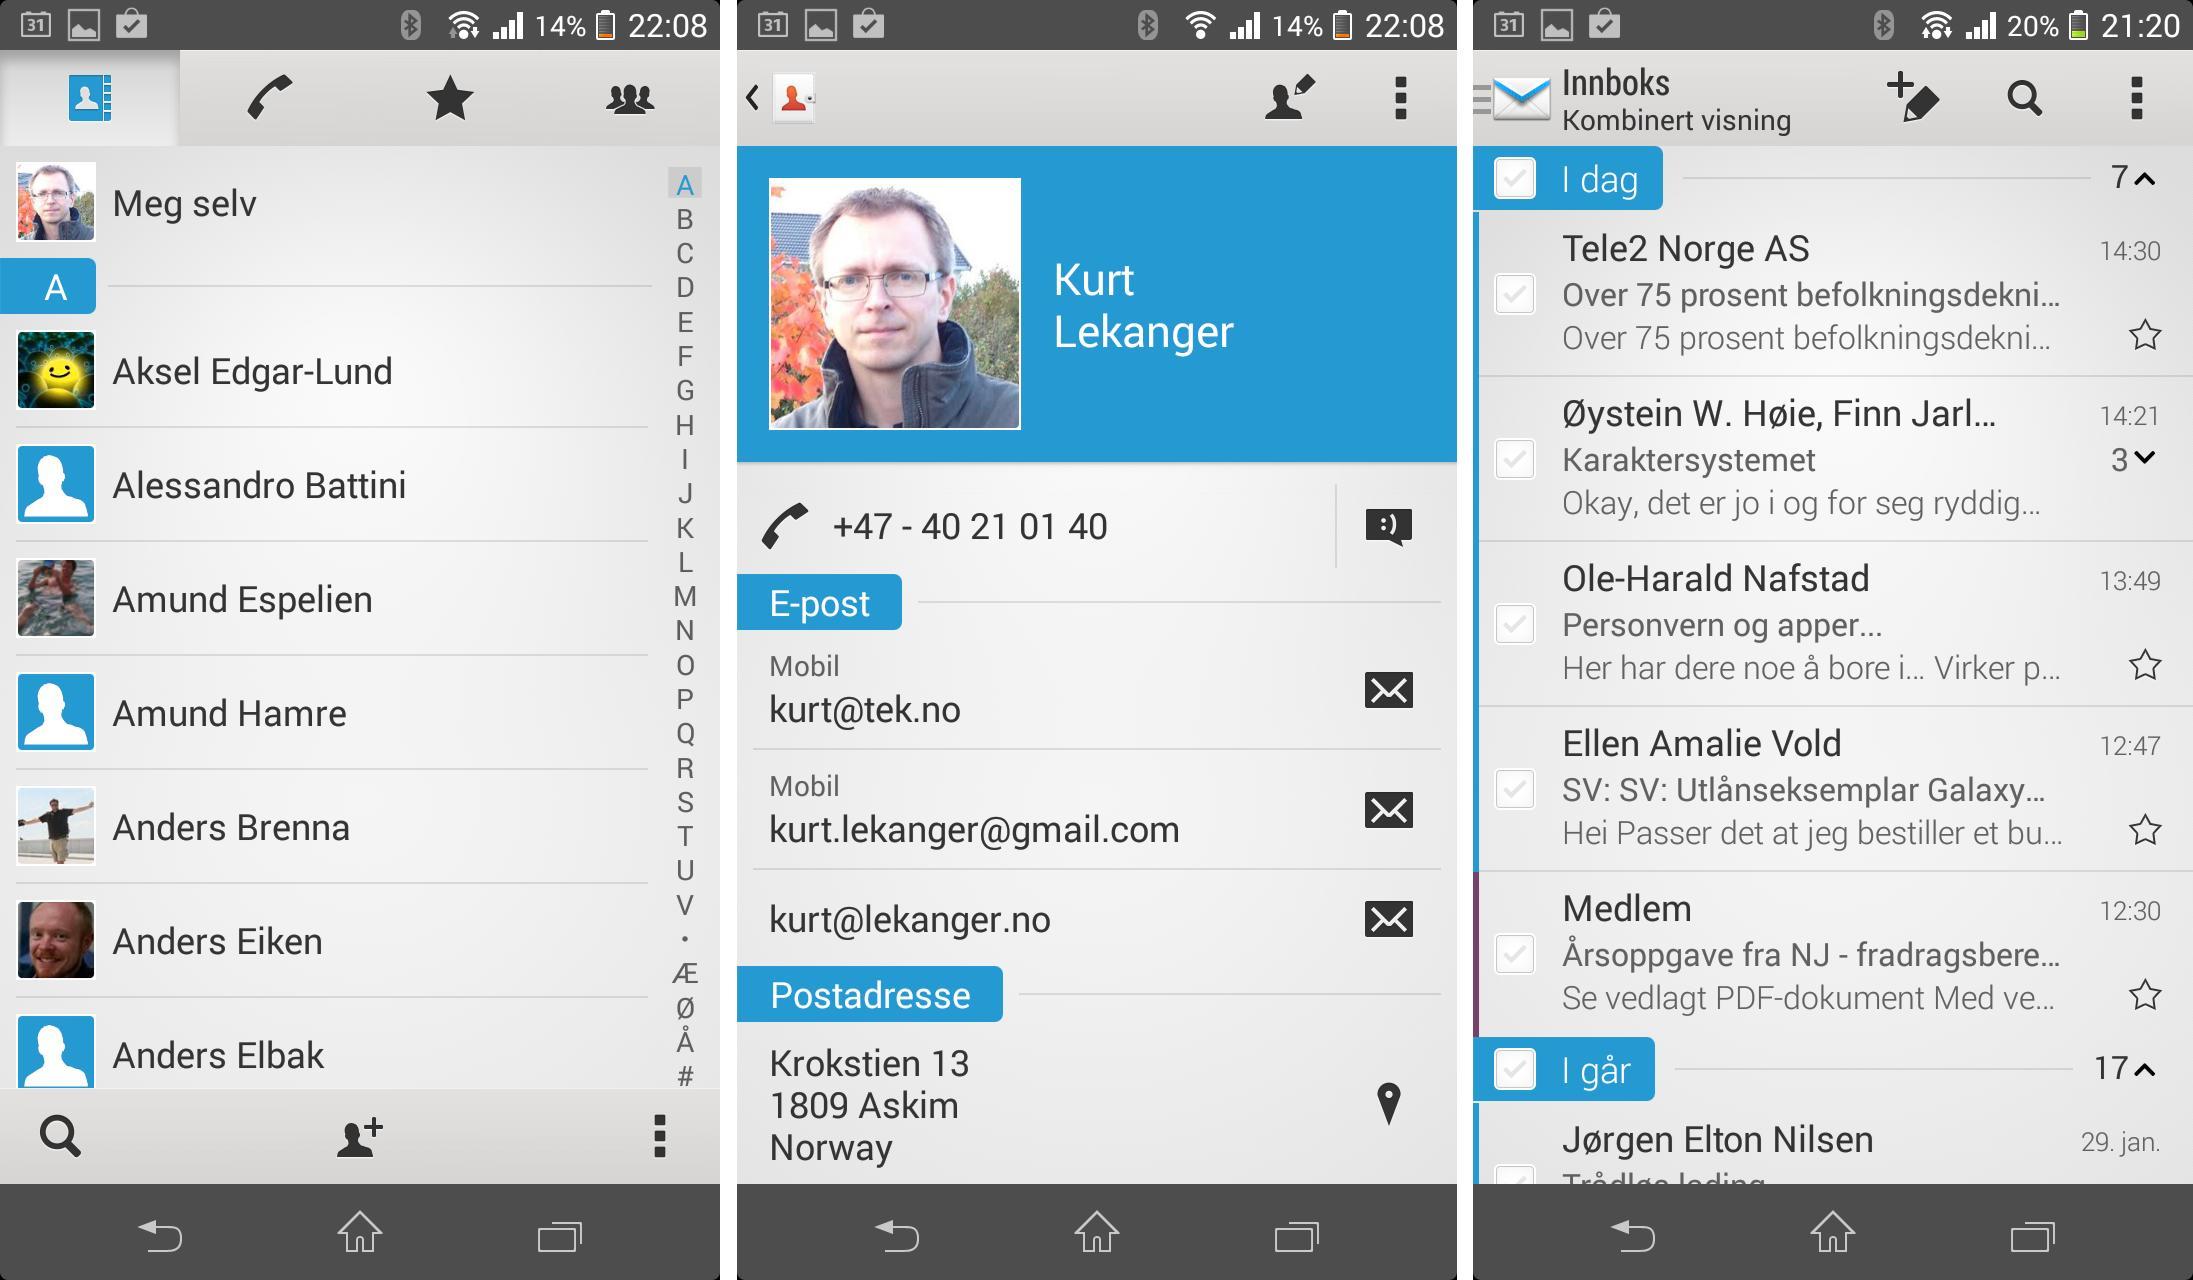 Kontaktregisteret (de to skjermbildene til venstre) og e-postleseren (til høyre).